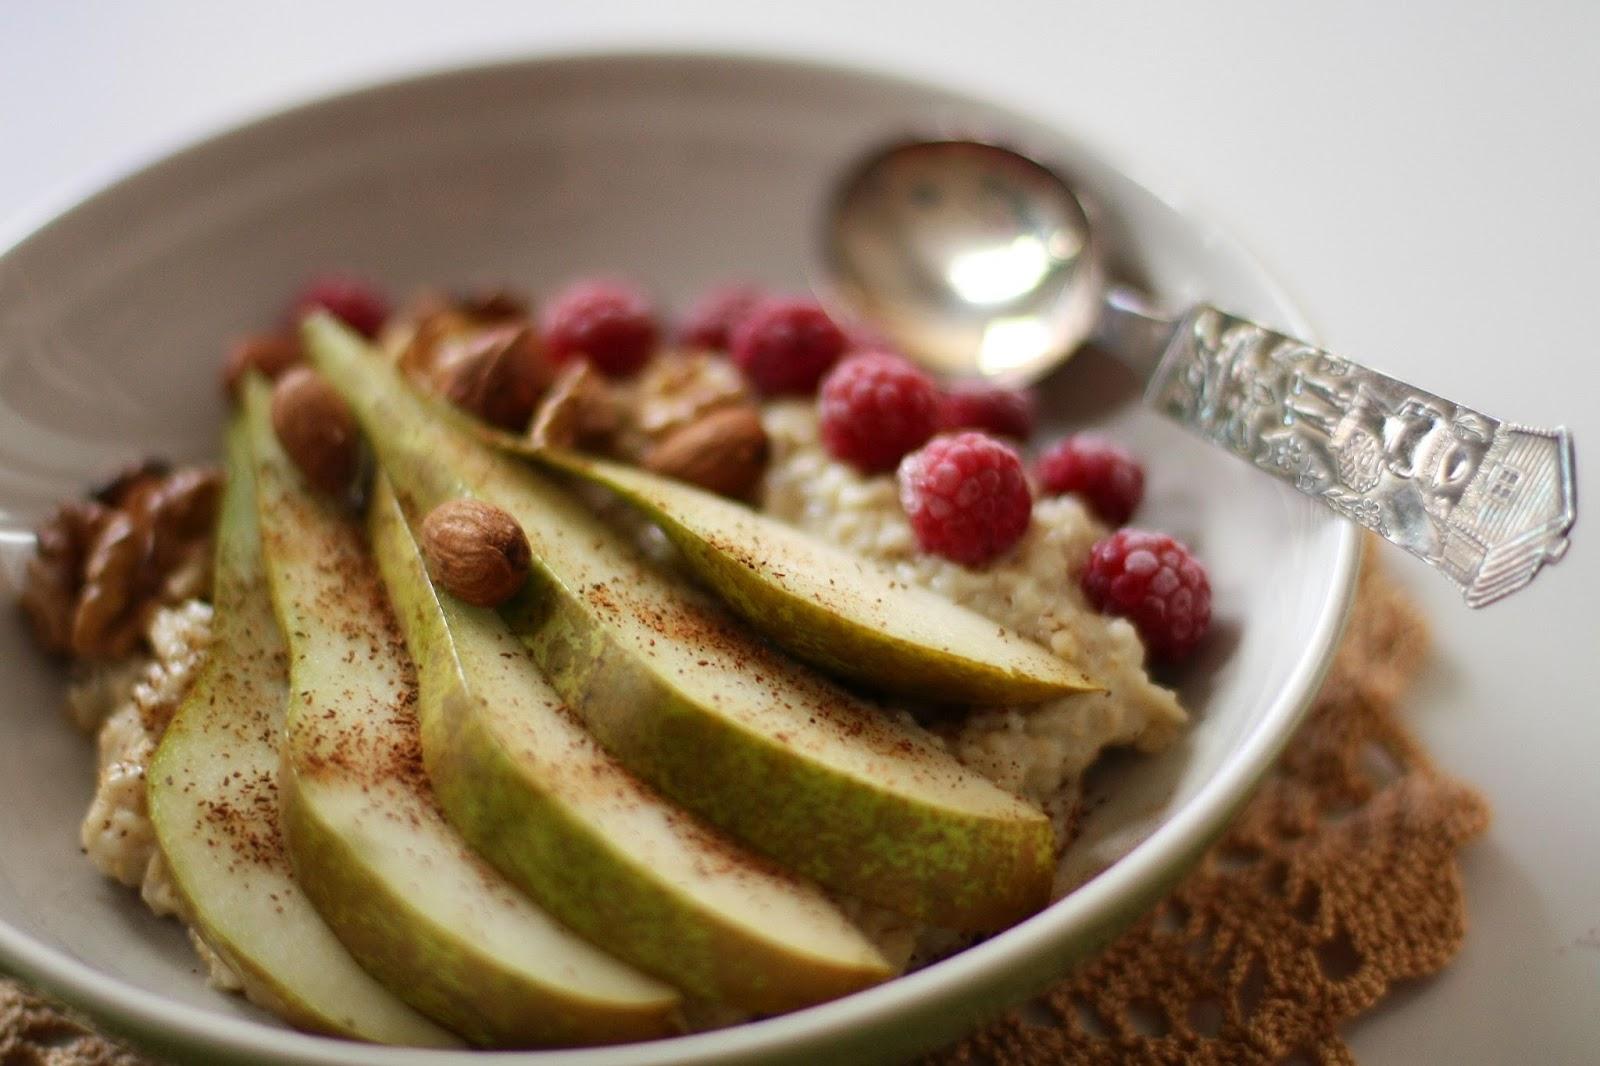 puuro päärynä manteli mantelimaito aamupala aamiainen aamupuuro kaurapuuro  vadelma mallaspulla